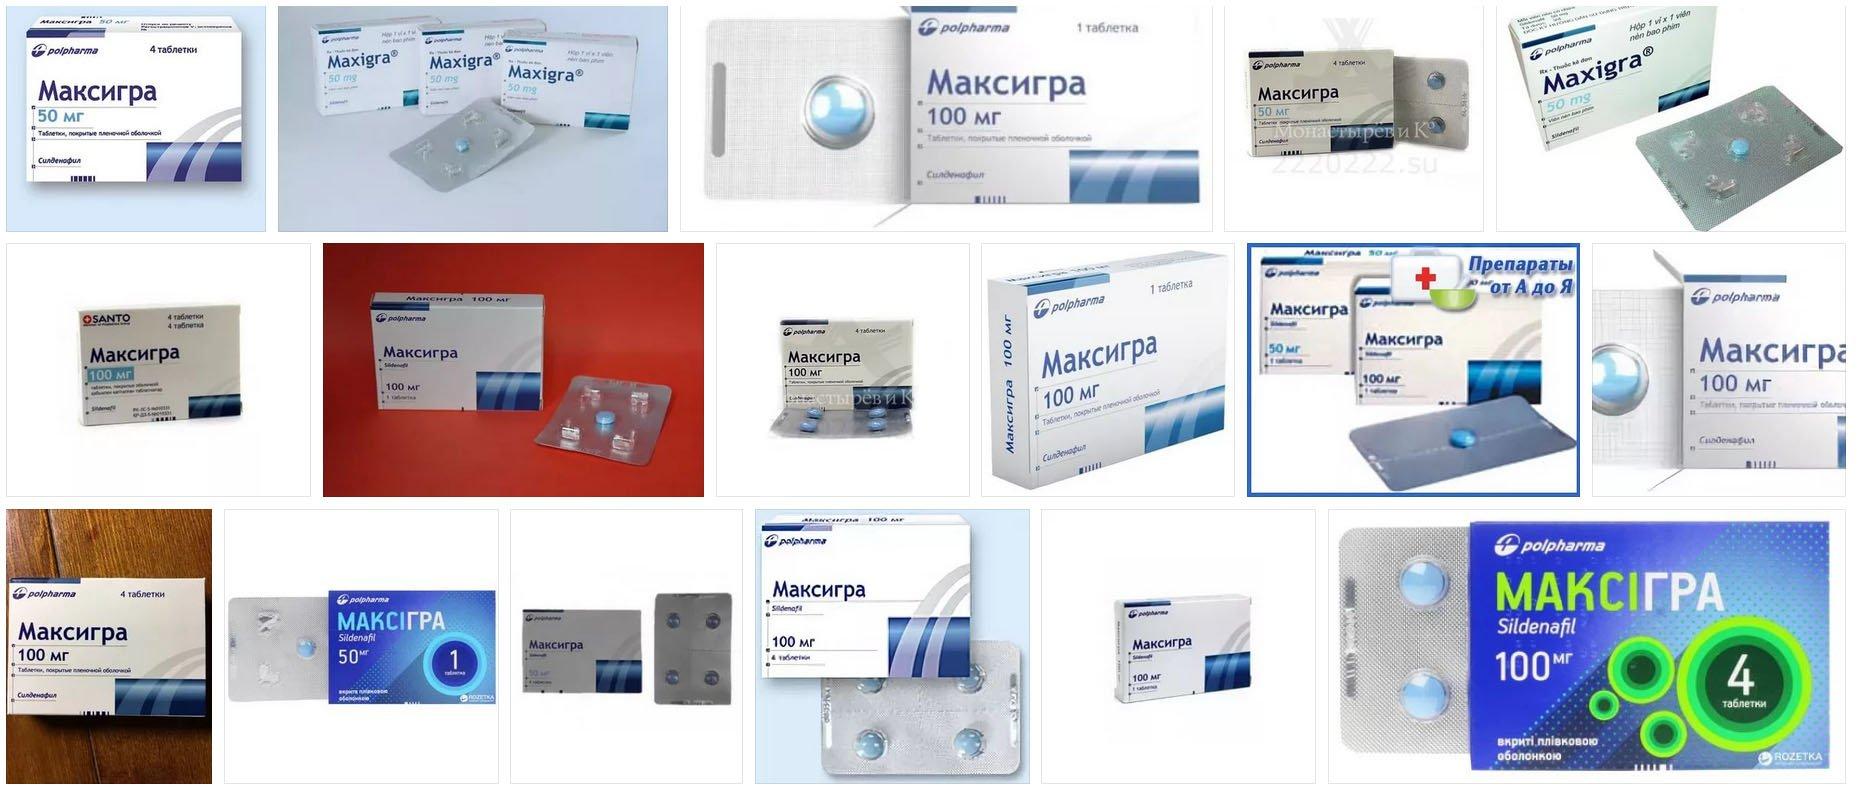 Препараты максигра